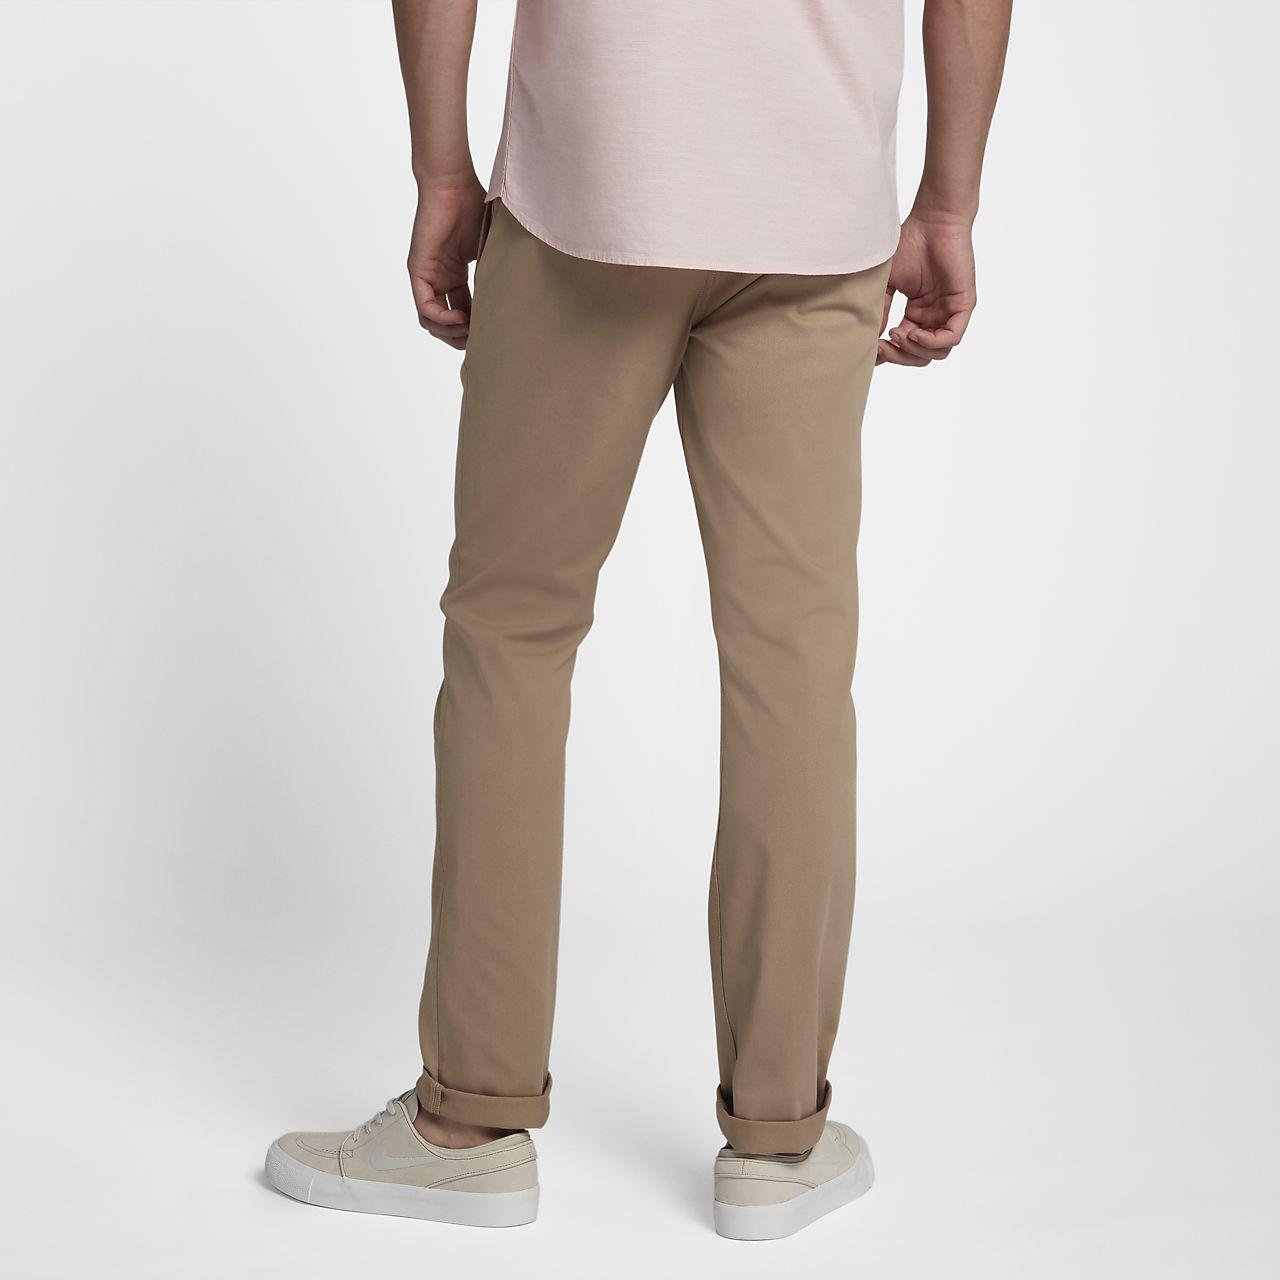 Hurley Dri FIT Worker bukser til mænd